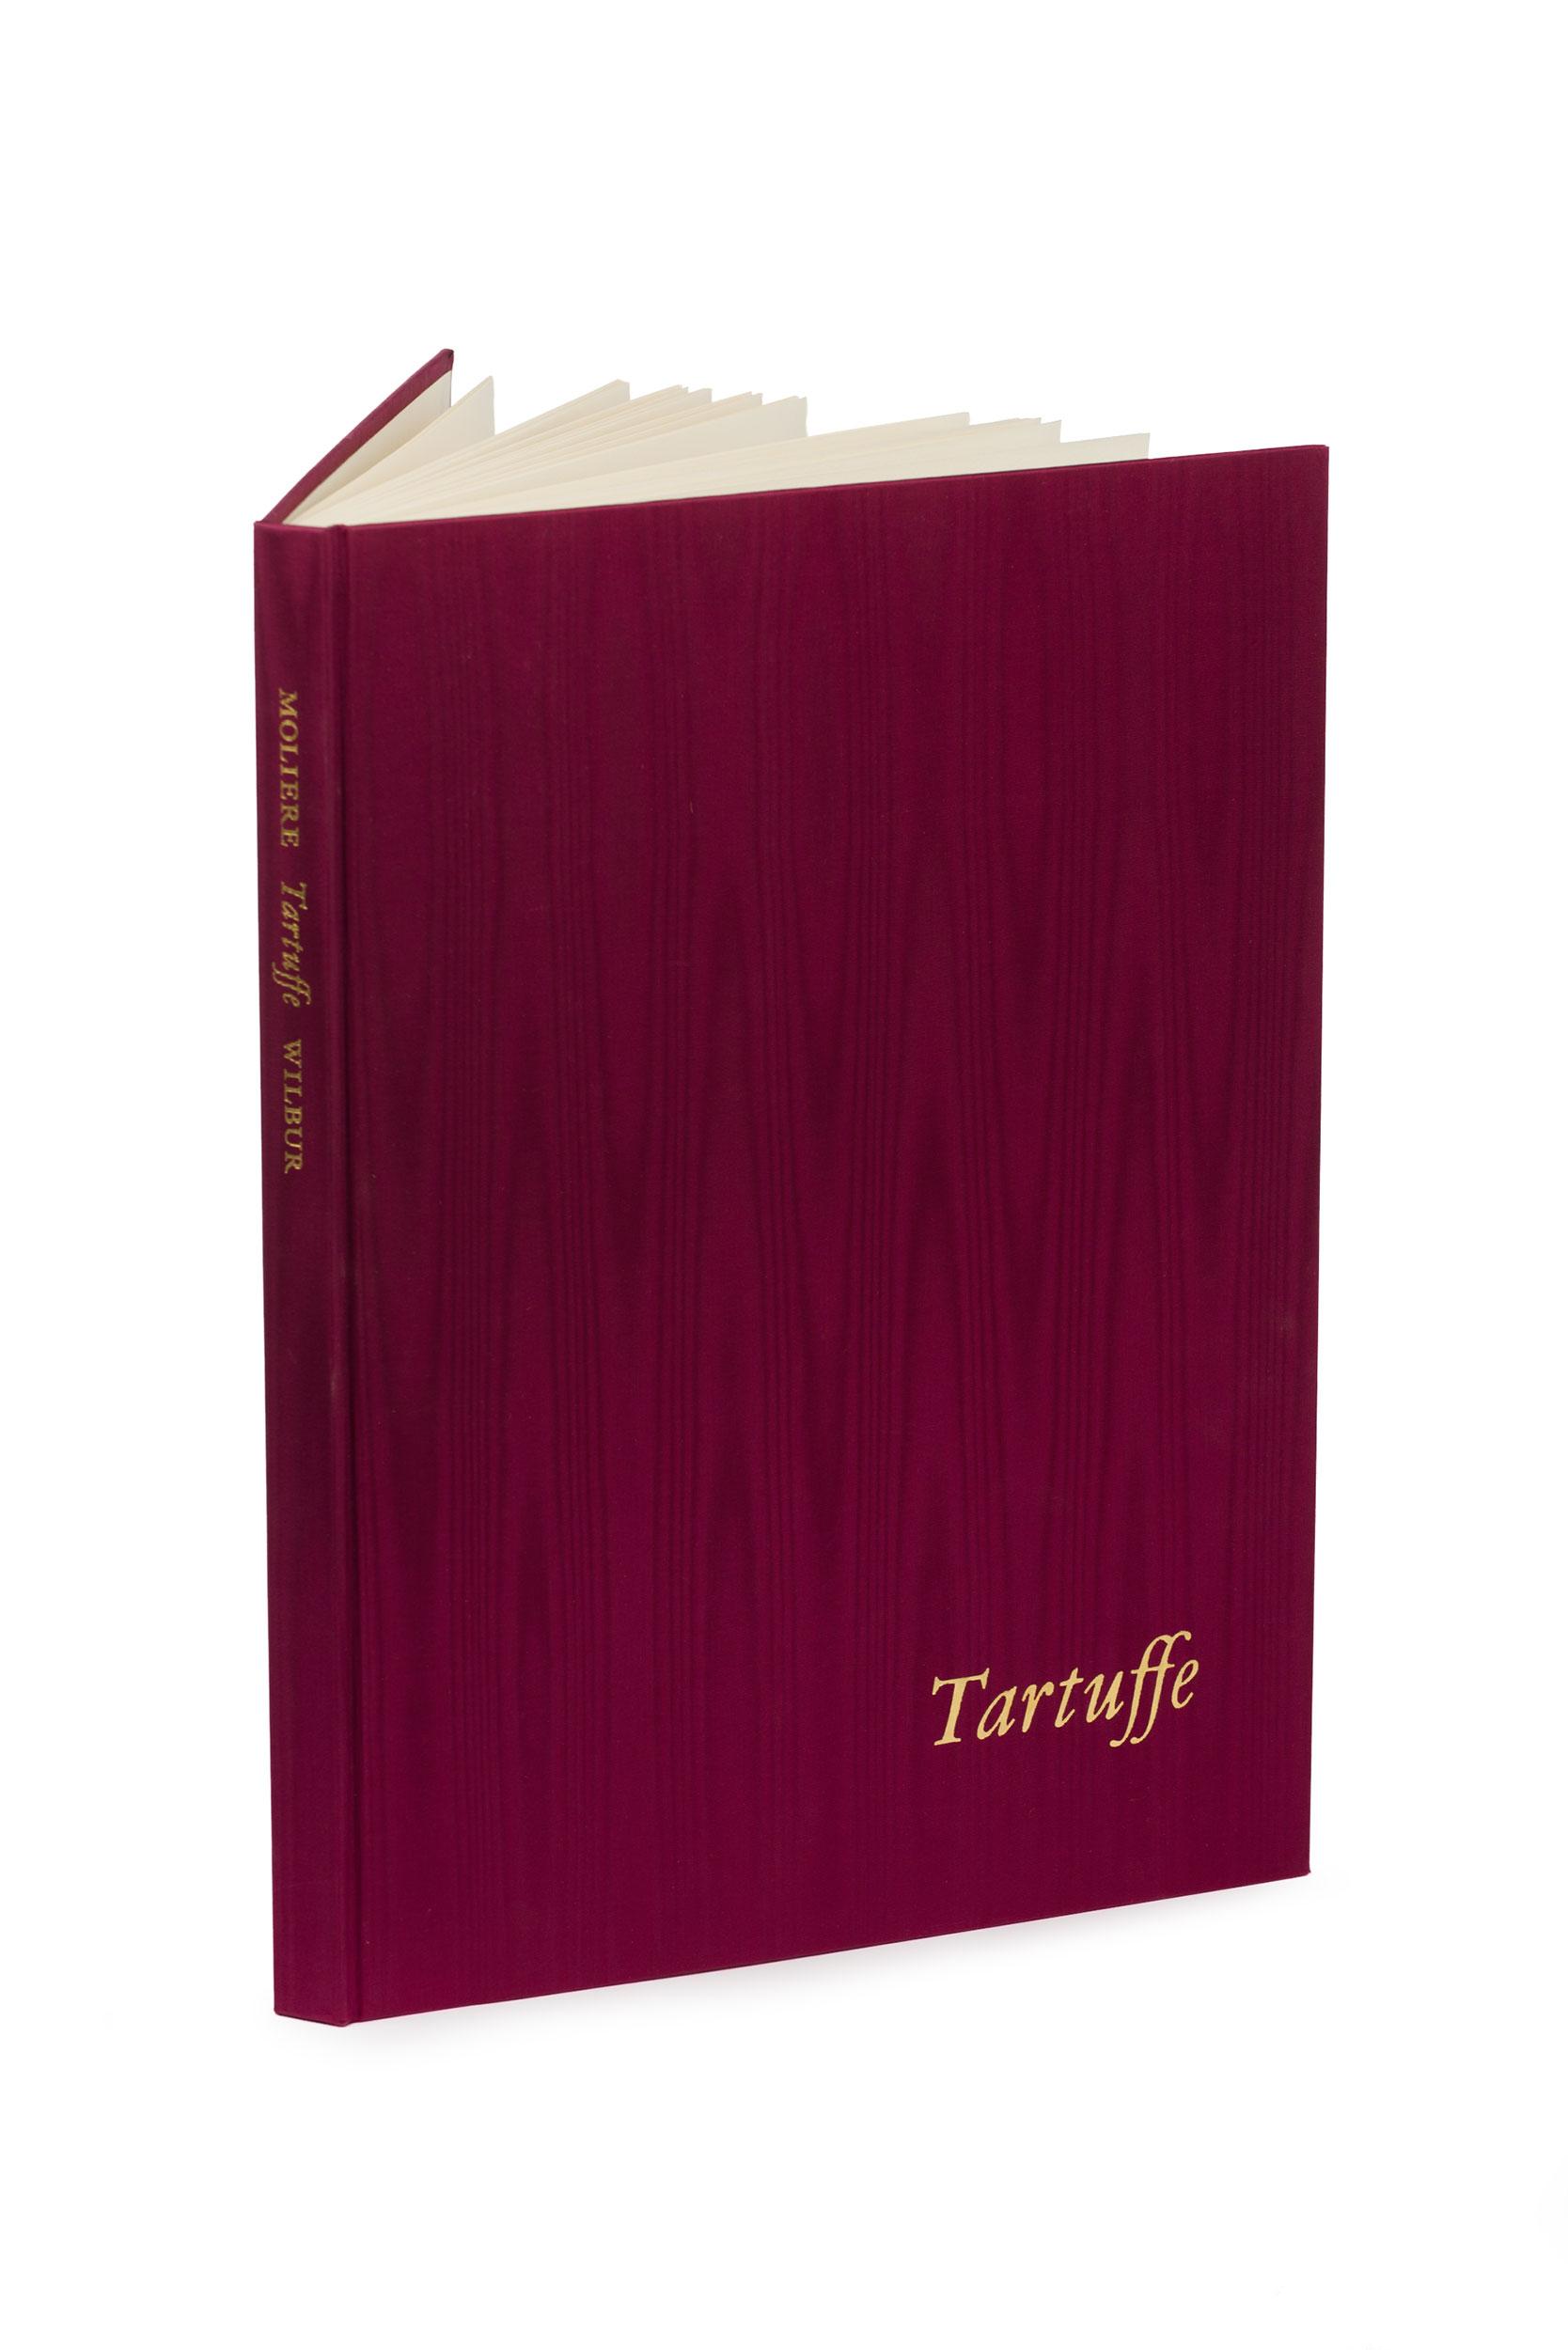 068_Tartuffe-3-4-fix2.jpg